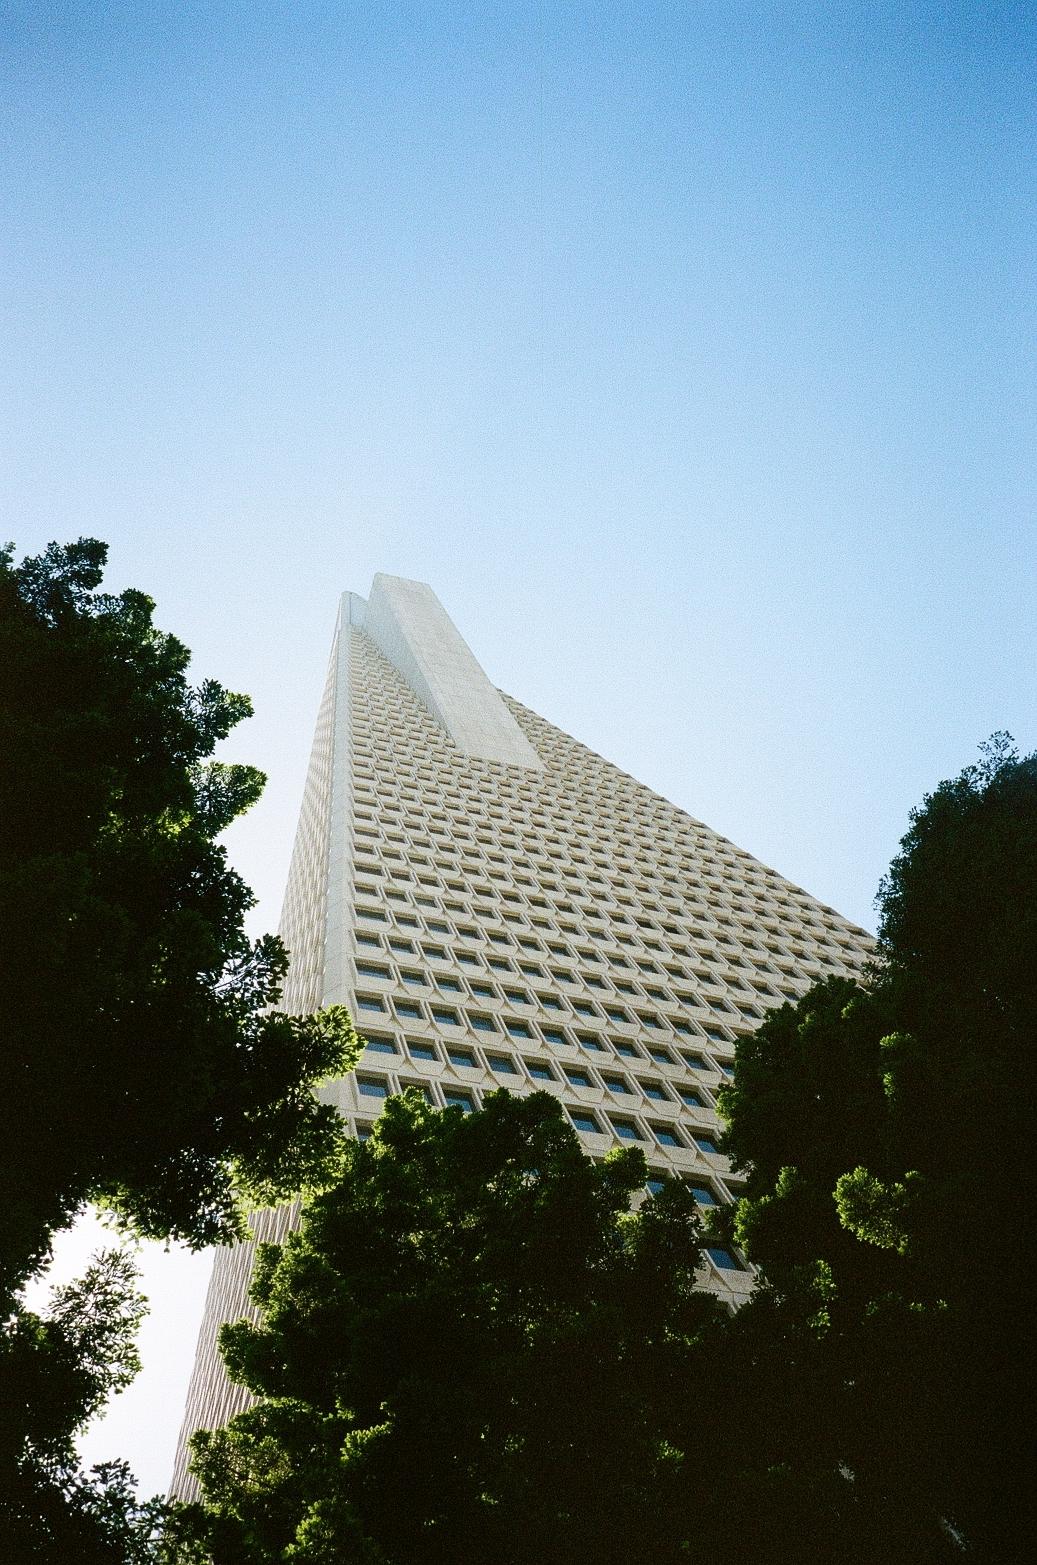 Transam building in the sky film photo in SF